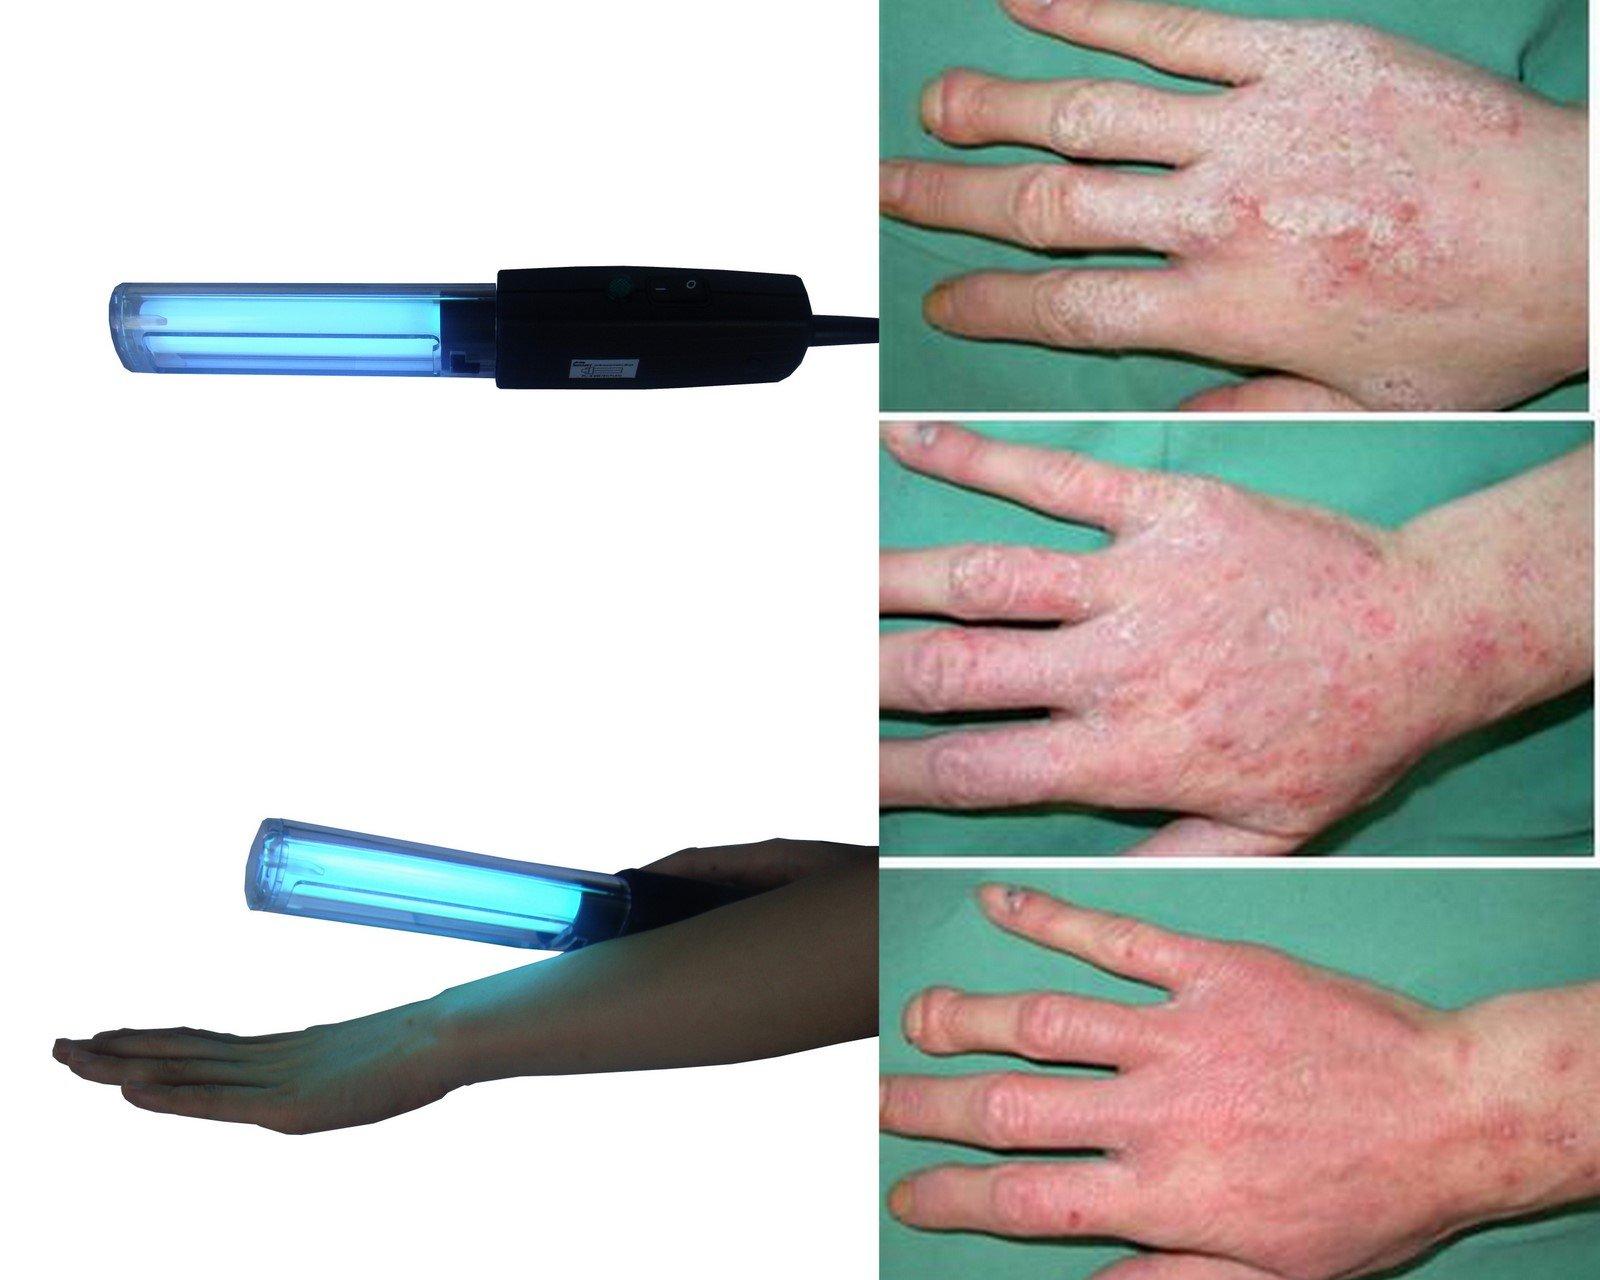 Poche UVB lampe pour VITILIGO-PSORIASIS photothérapie